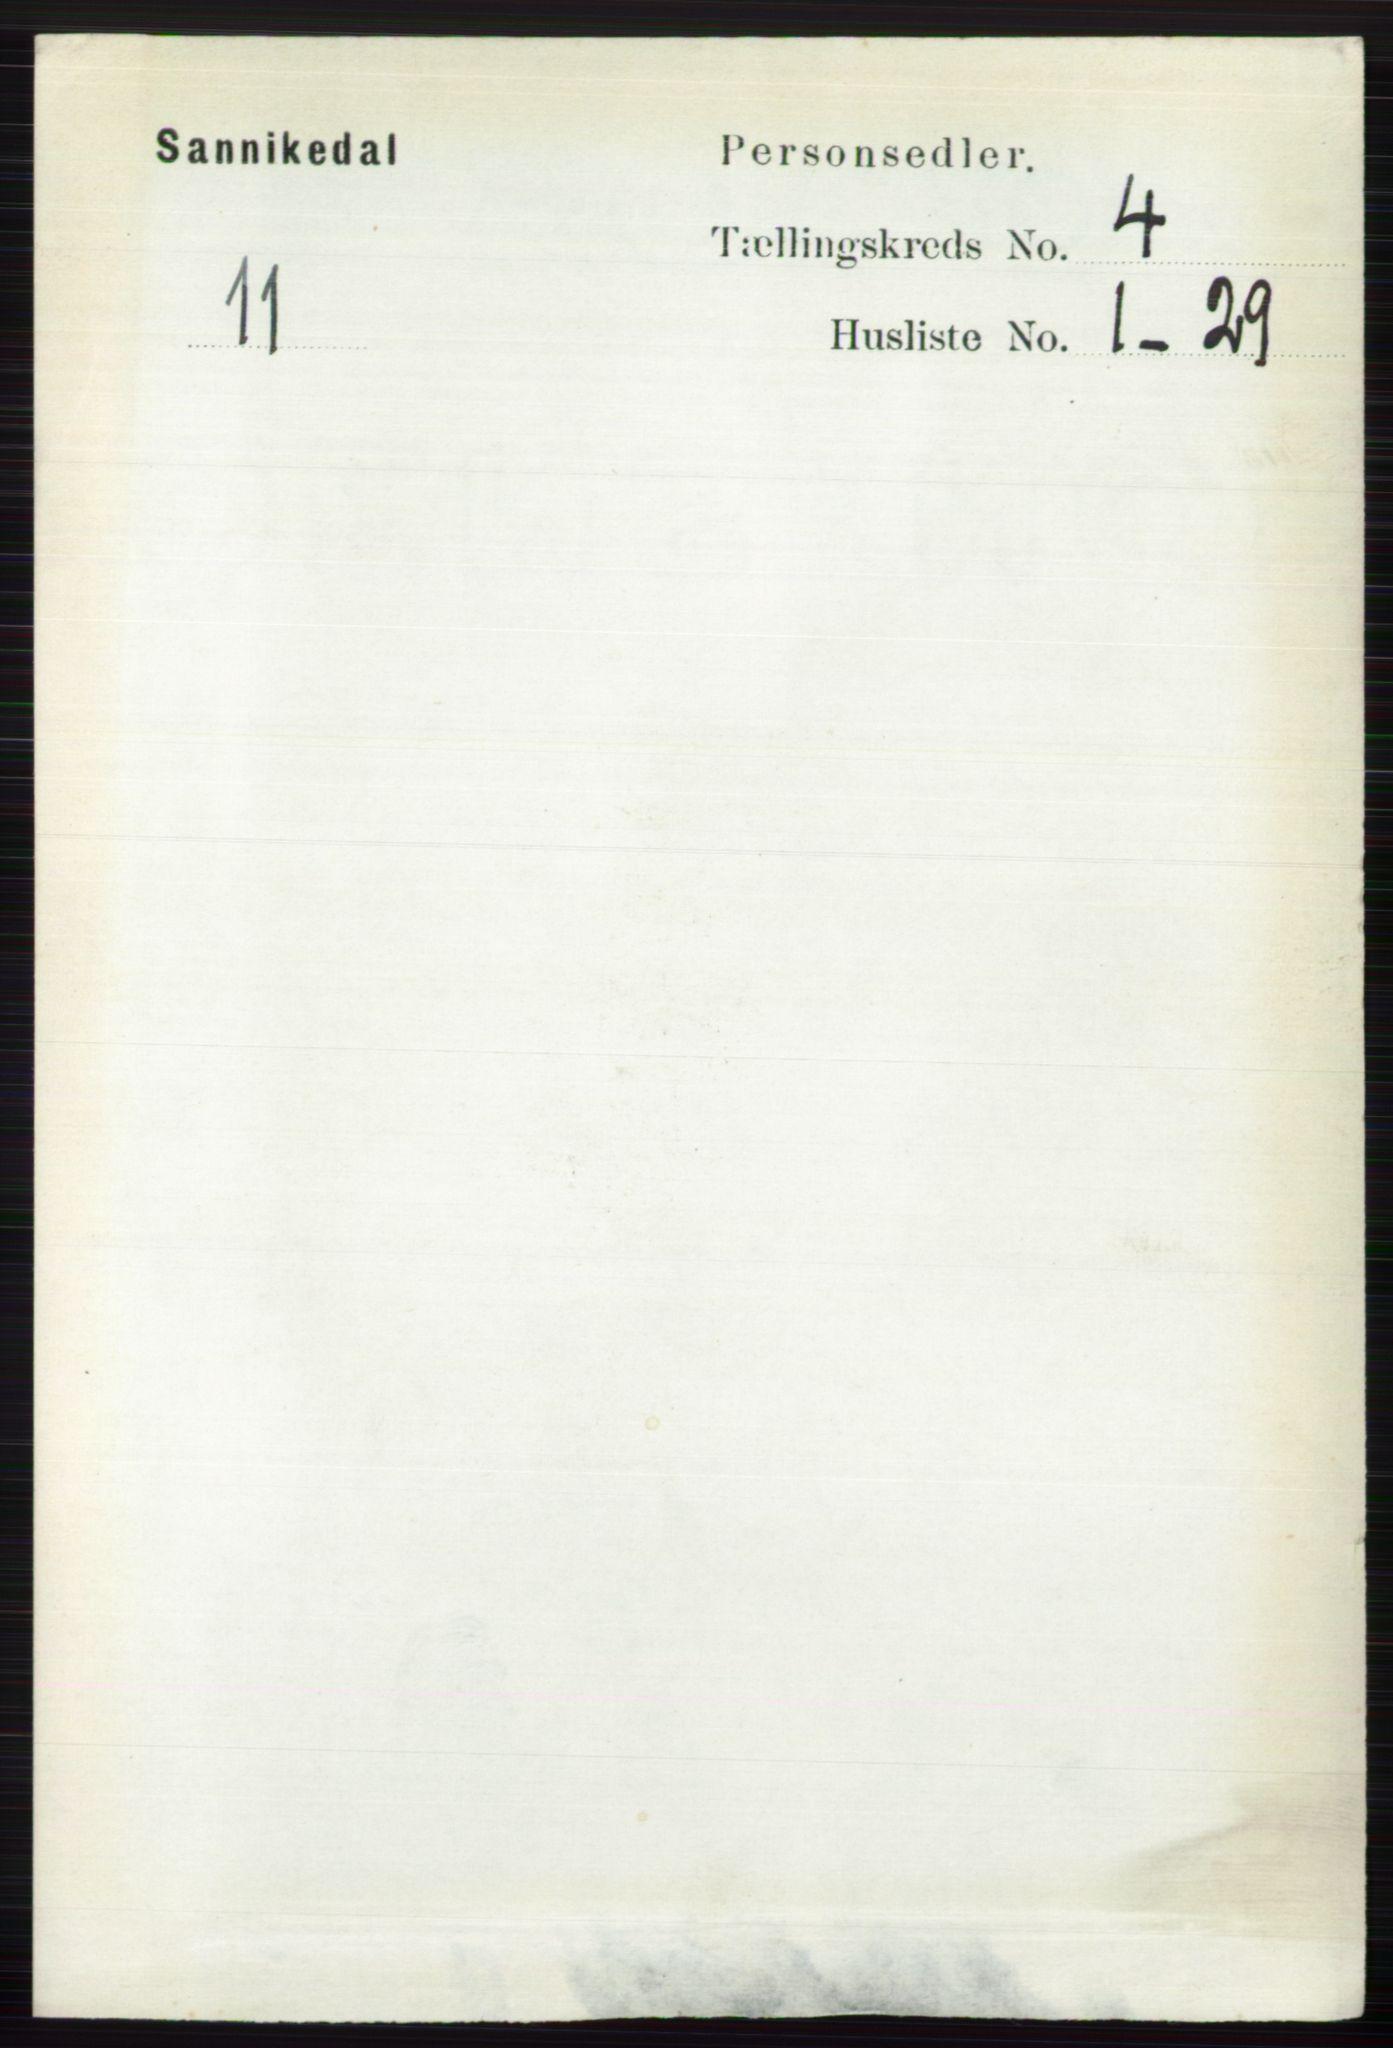 RA, Folketelling 1891 for 0816 Sannidal herred, 1891, s. 1224